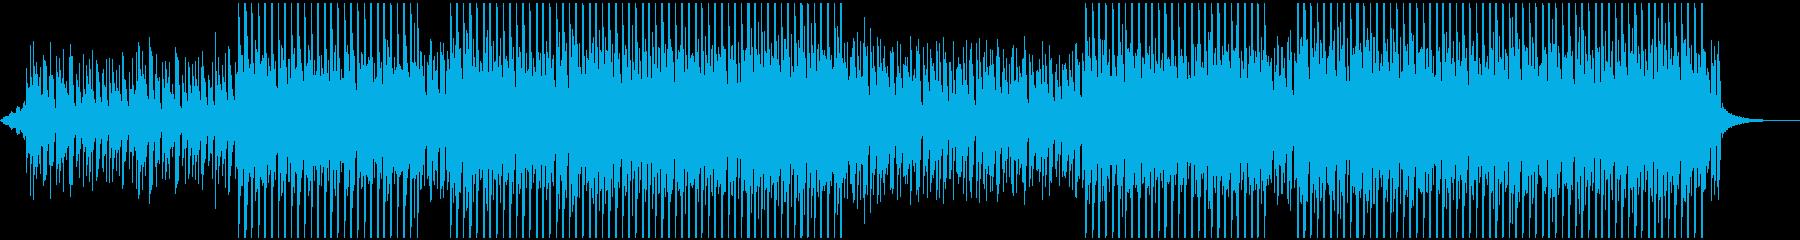 ギターポップの再生済みの波形